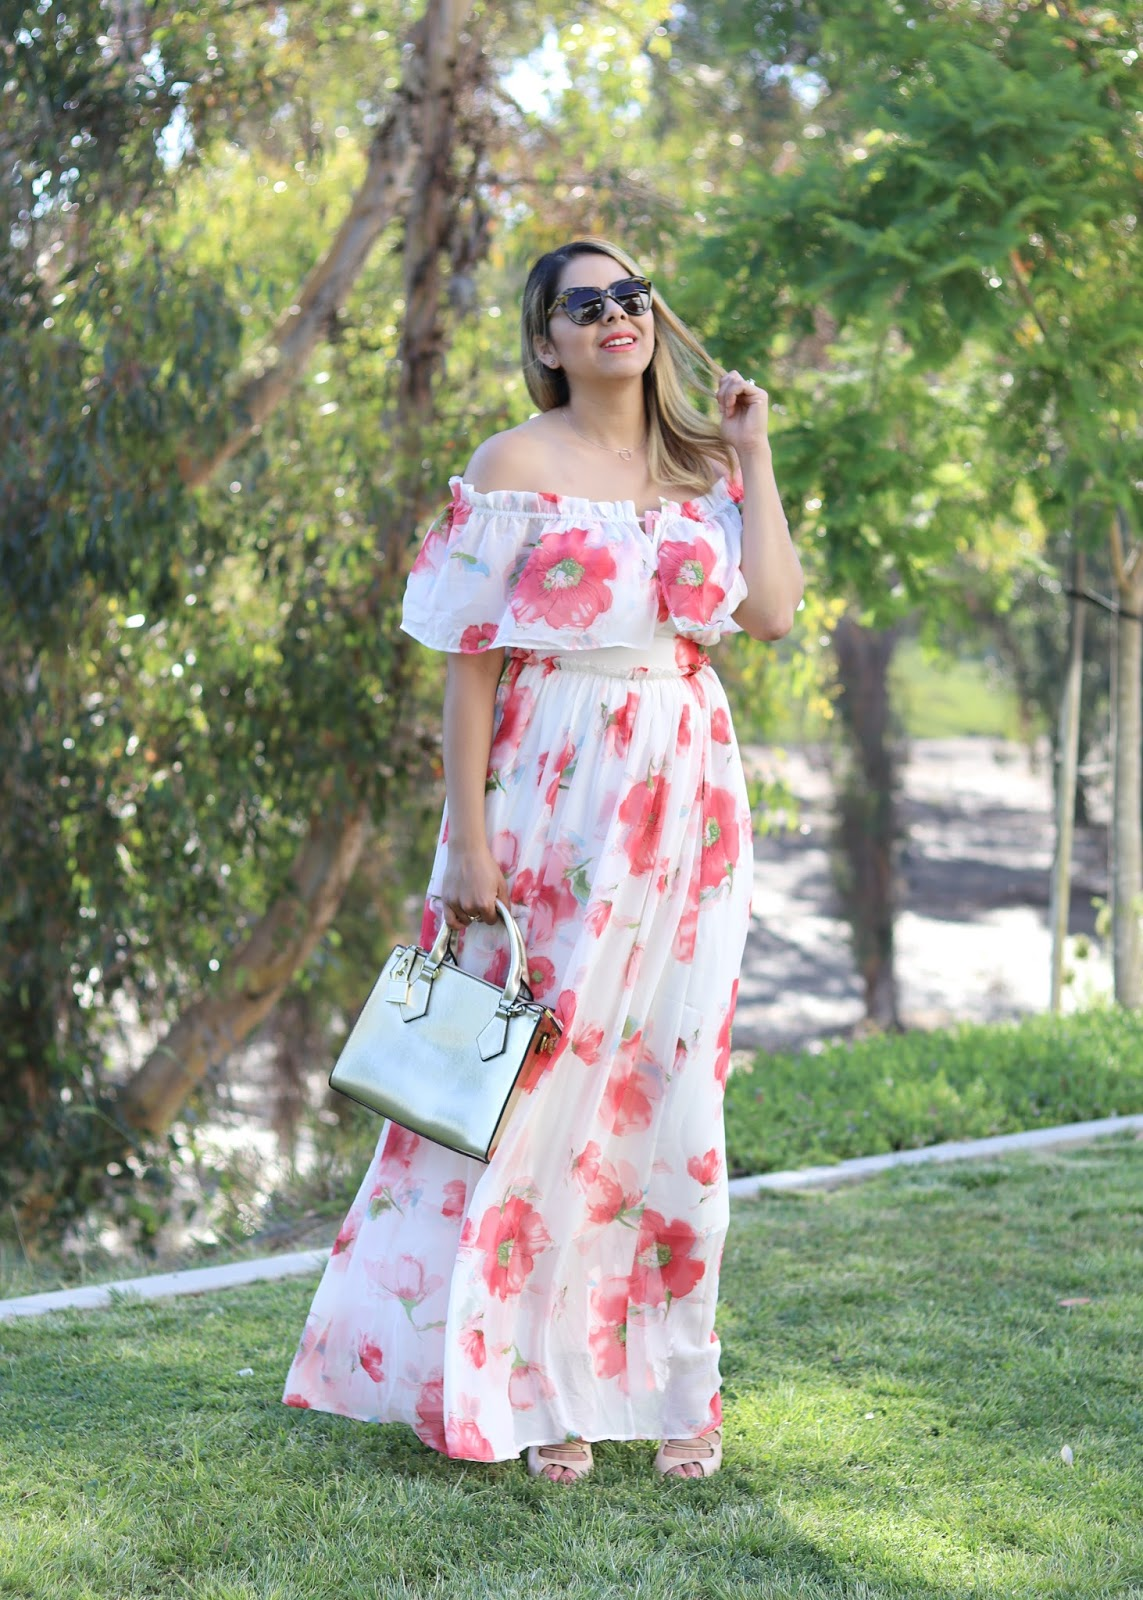 Summer maxi dress, flowy maxi dress, summer fashion, what to wear to a wedding